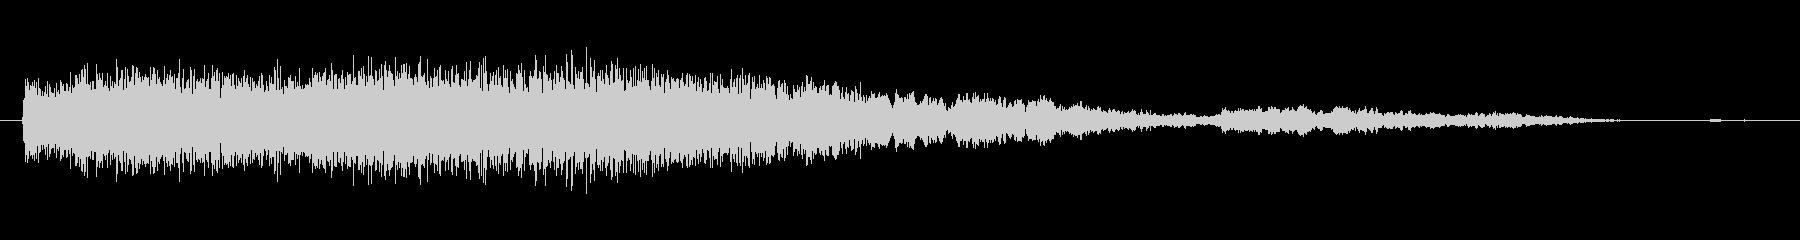 素材 シンセベルズロール03の未再生の波形